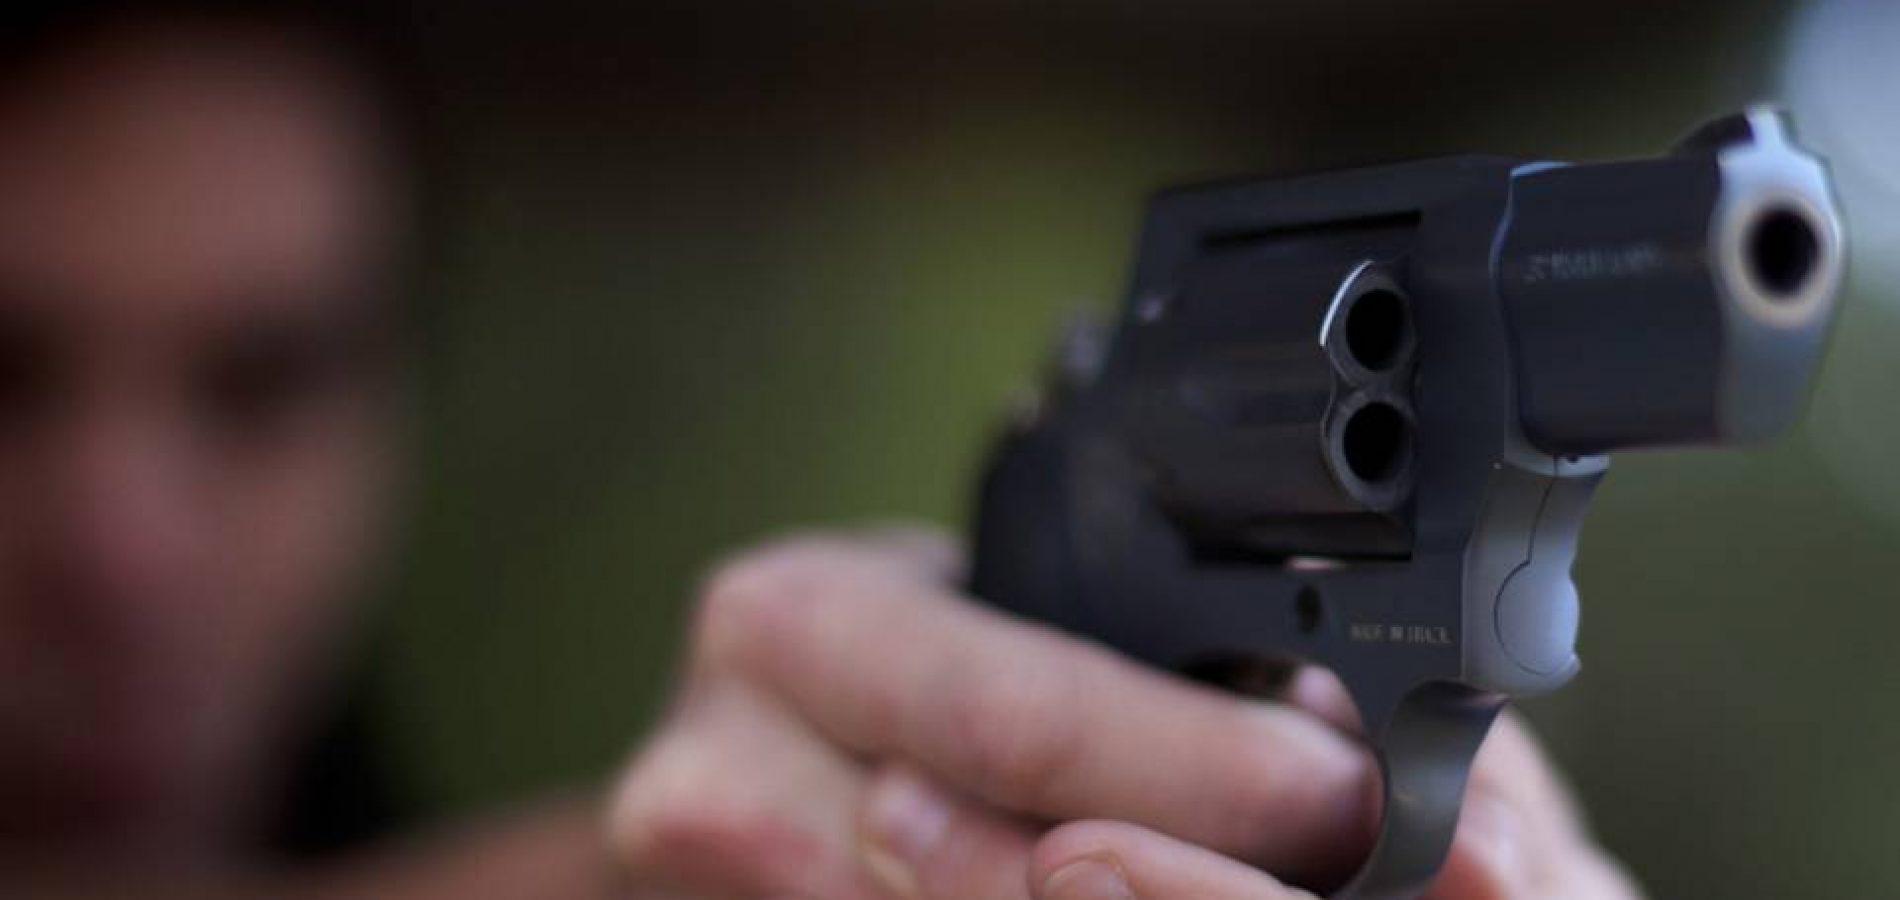 Vendedora de joias é vítima de assalto na zona rural de Geminiano